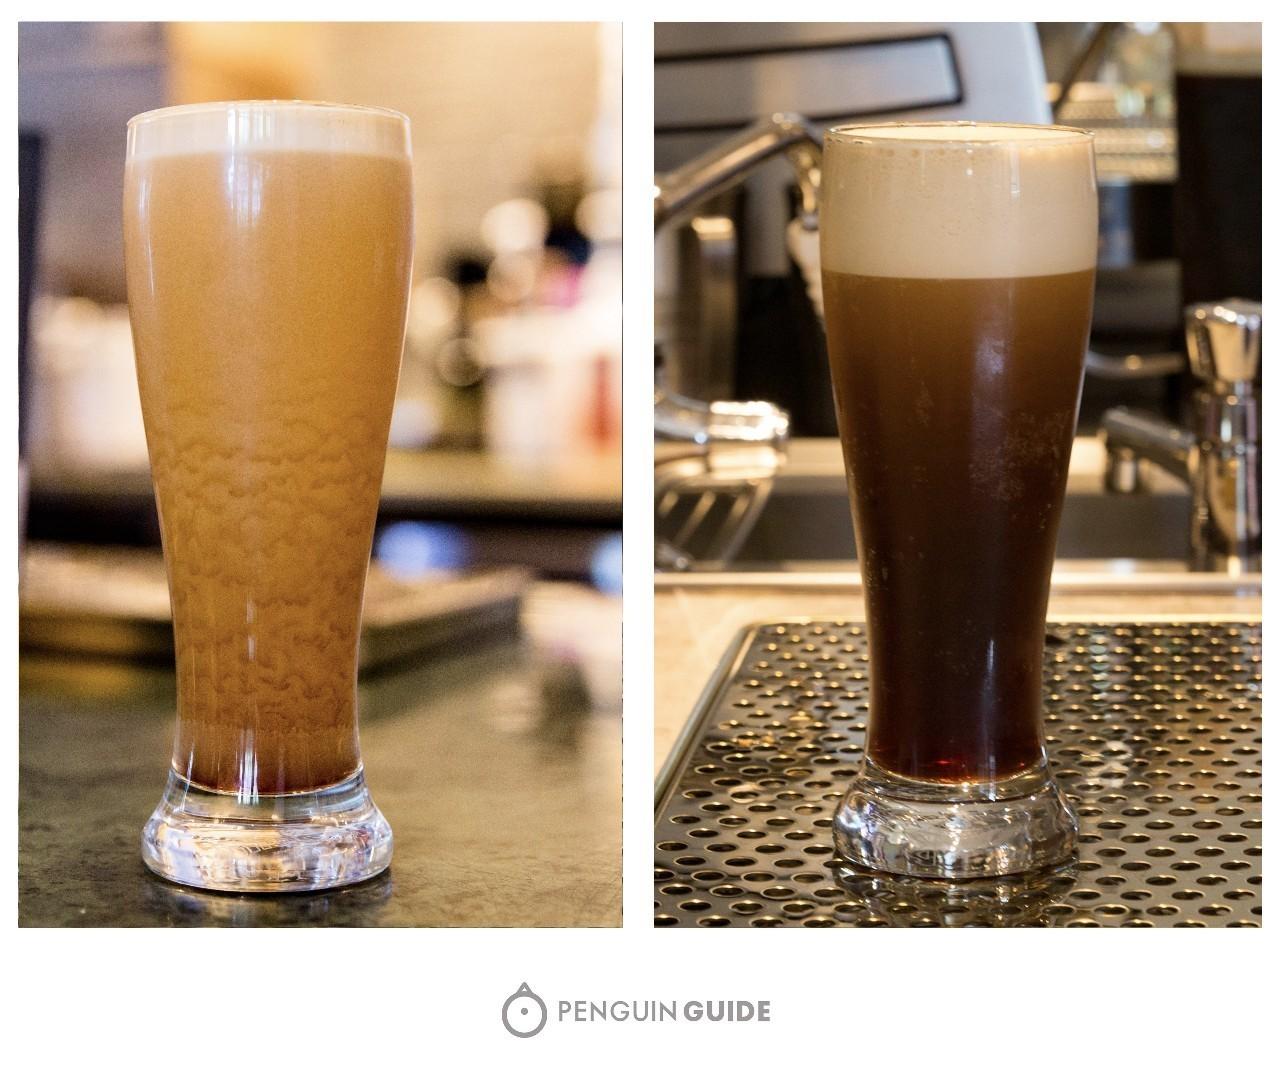 喝起来像啤酒 这才是夏天最潮的冰咖啡 食物志